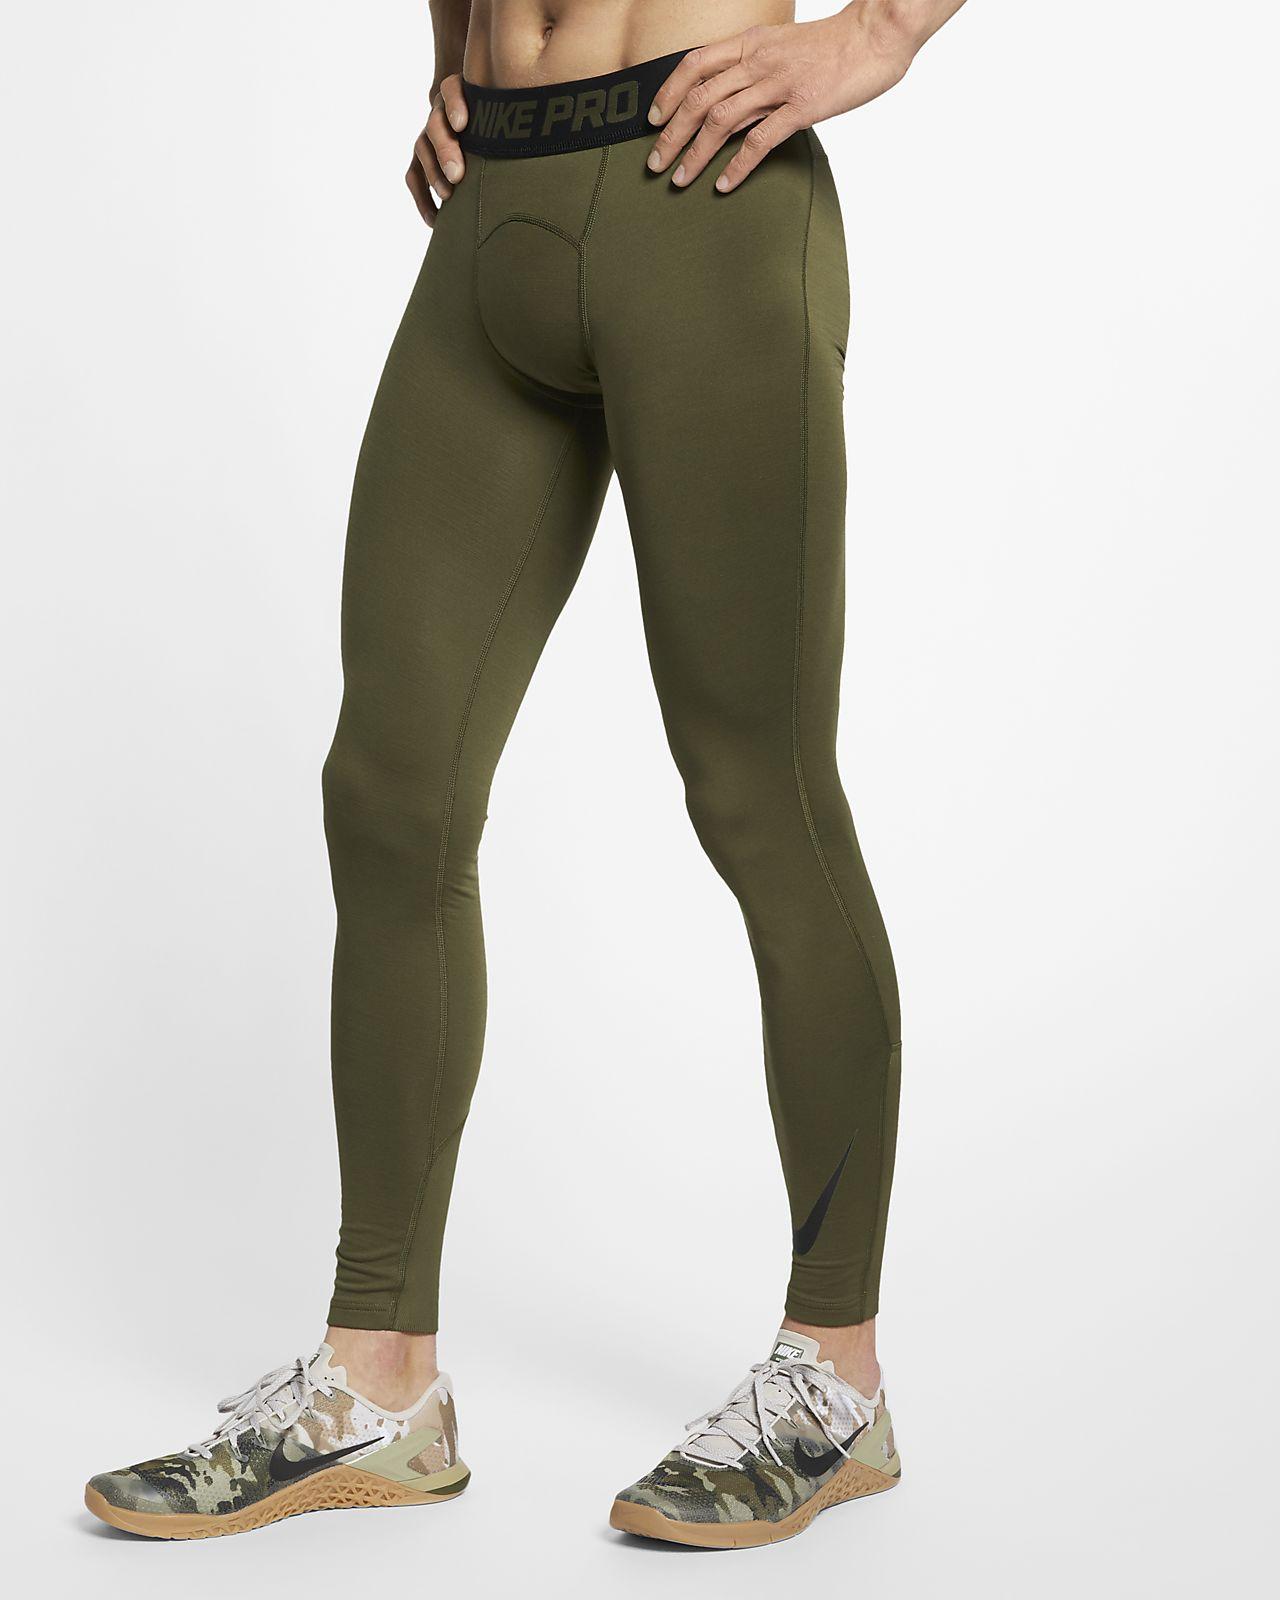 Nike Pro Dri-FIT Therma Mallas - Hombre